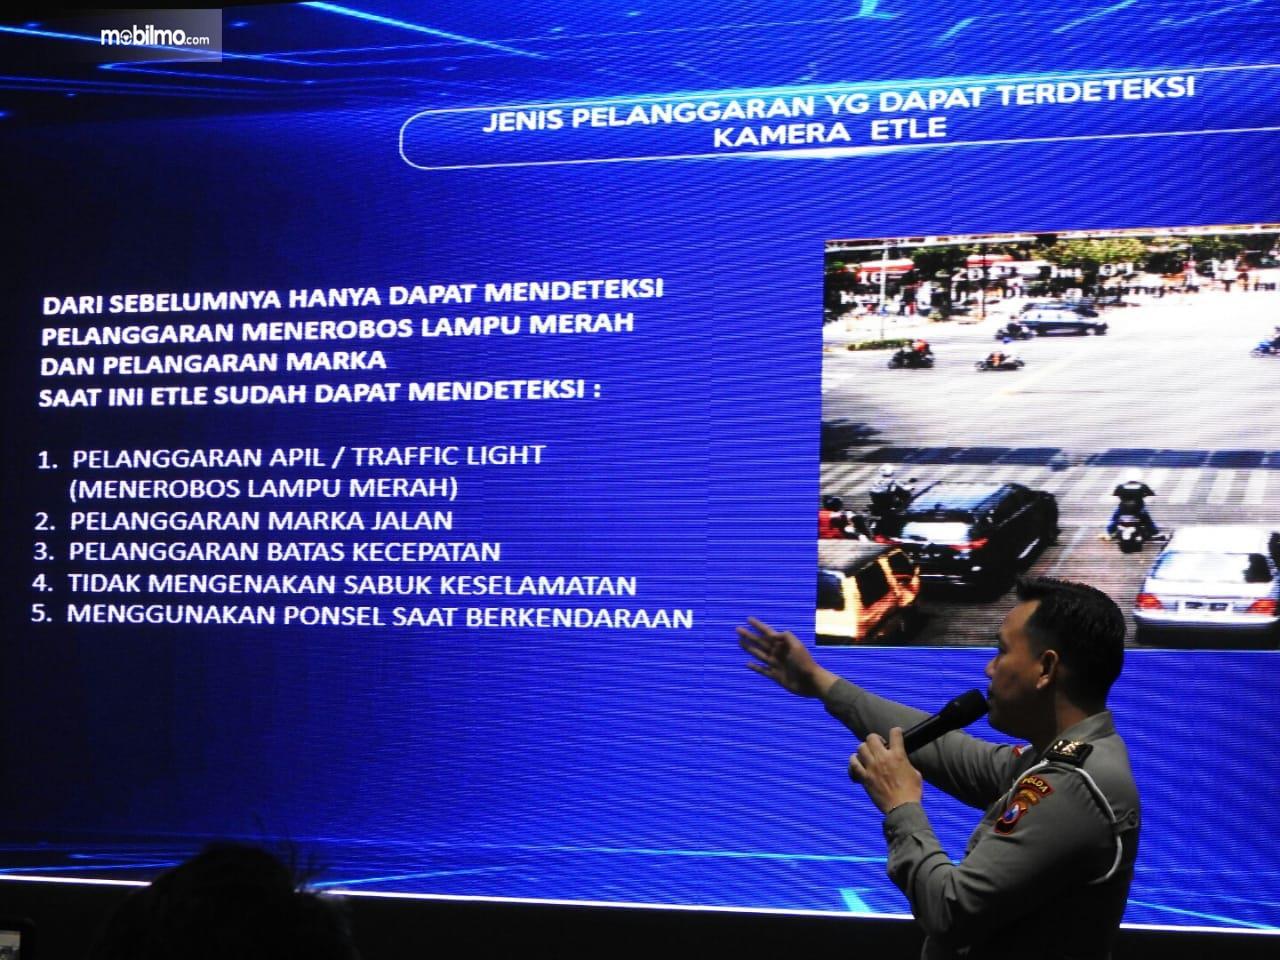 Foto menunjukkan polisi sedang menjelaskan Target pelanggaran kena tilang elektronik di Surabaya